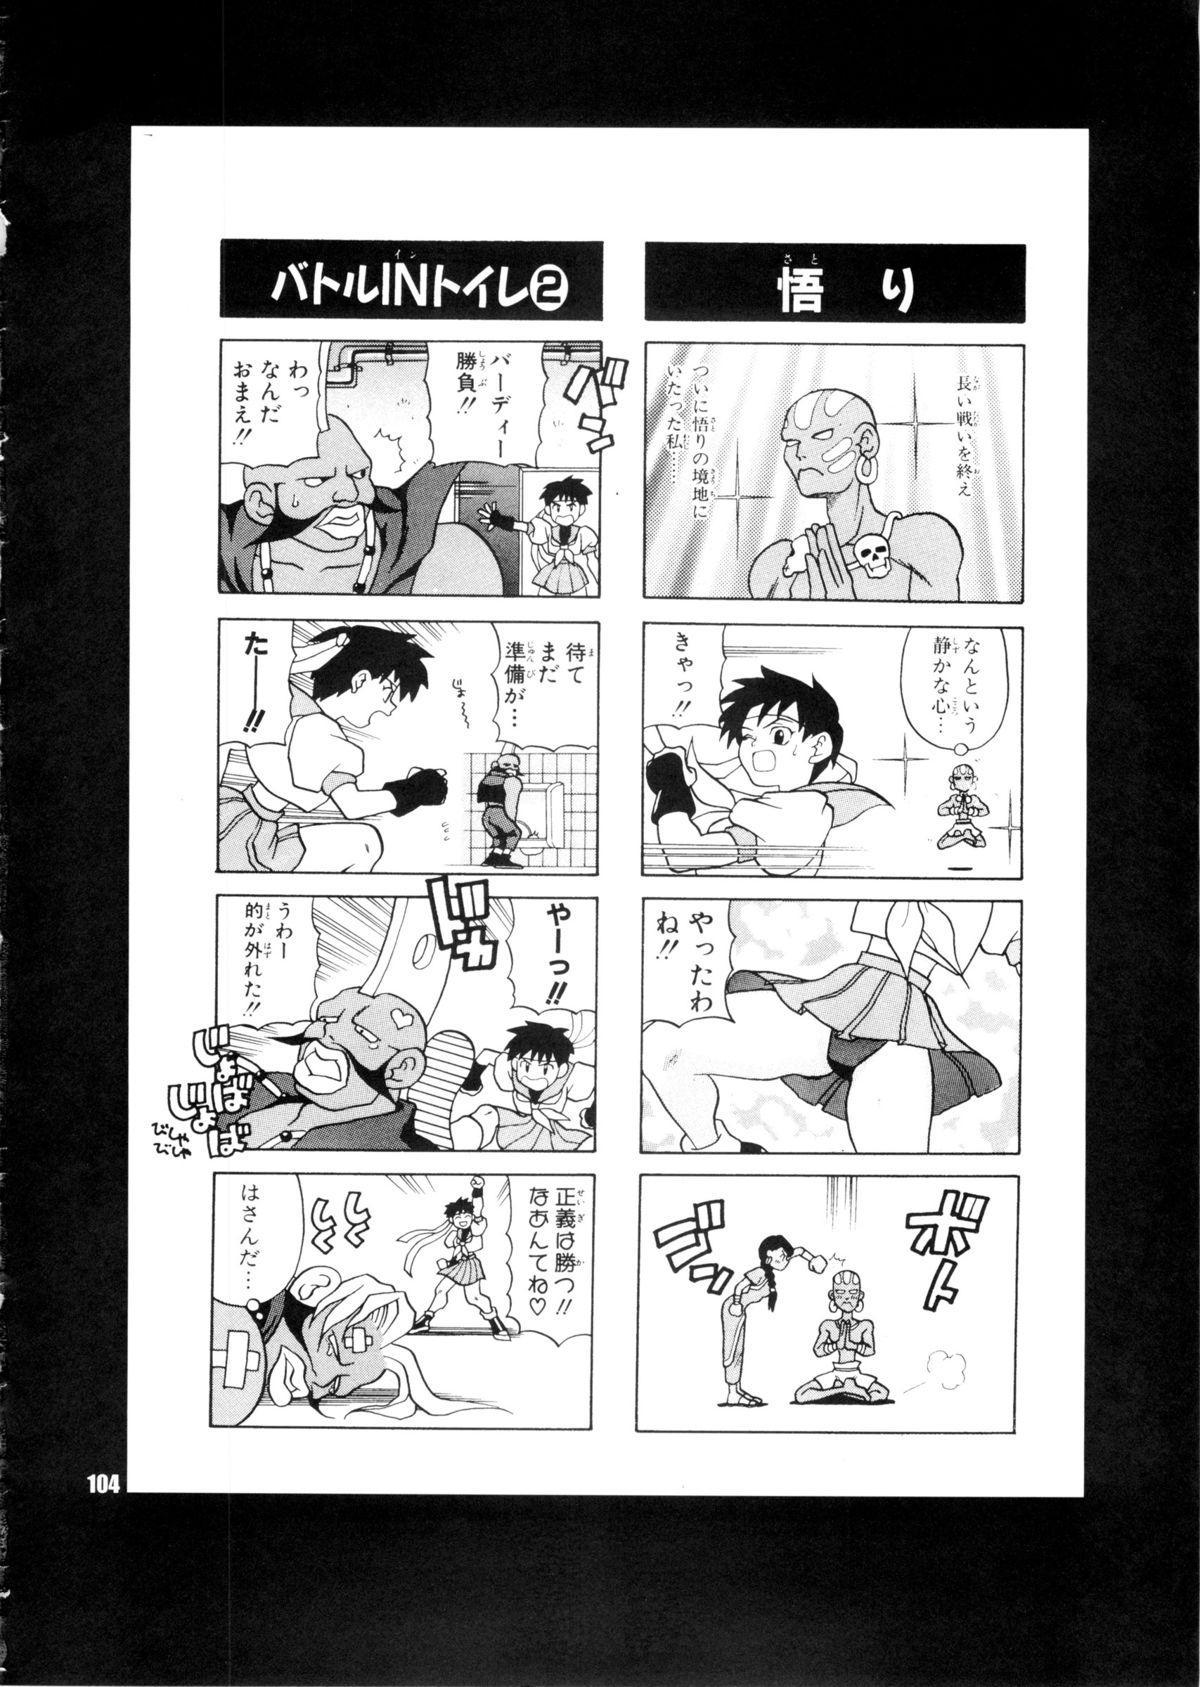 Yukiyanagi no Hon 28 Chun-Li Matome 103